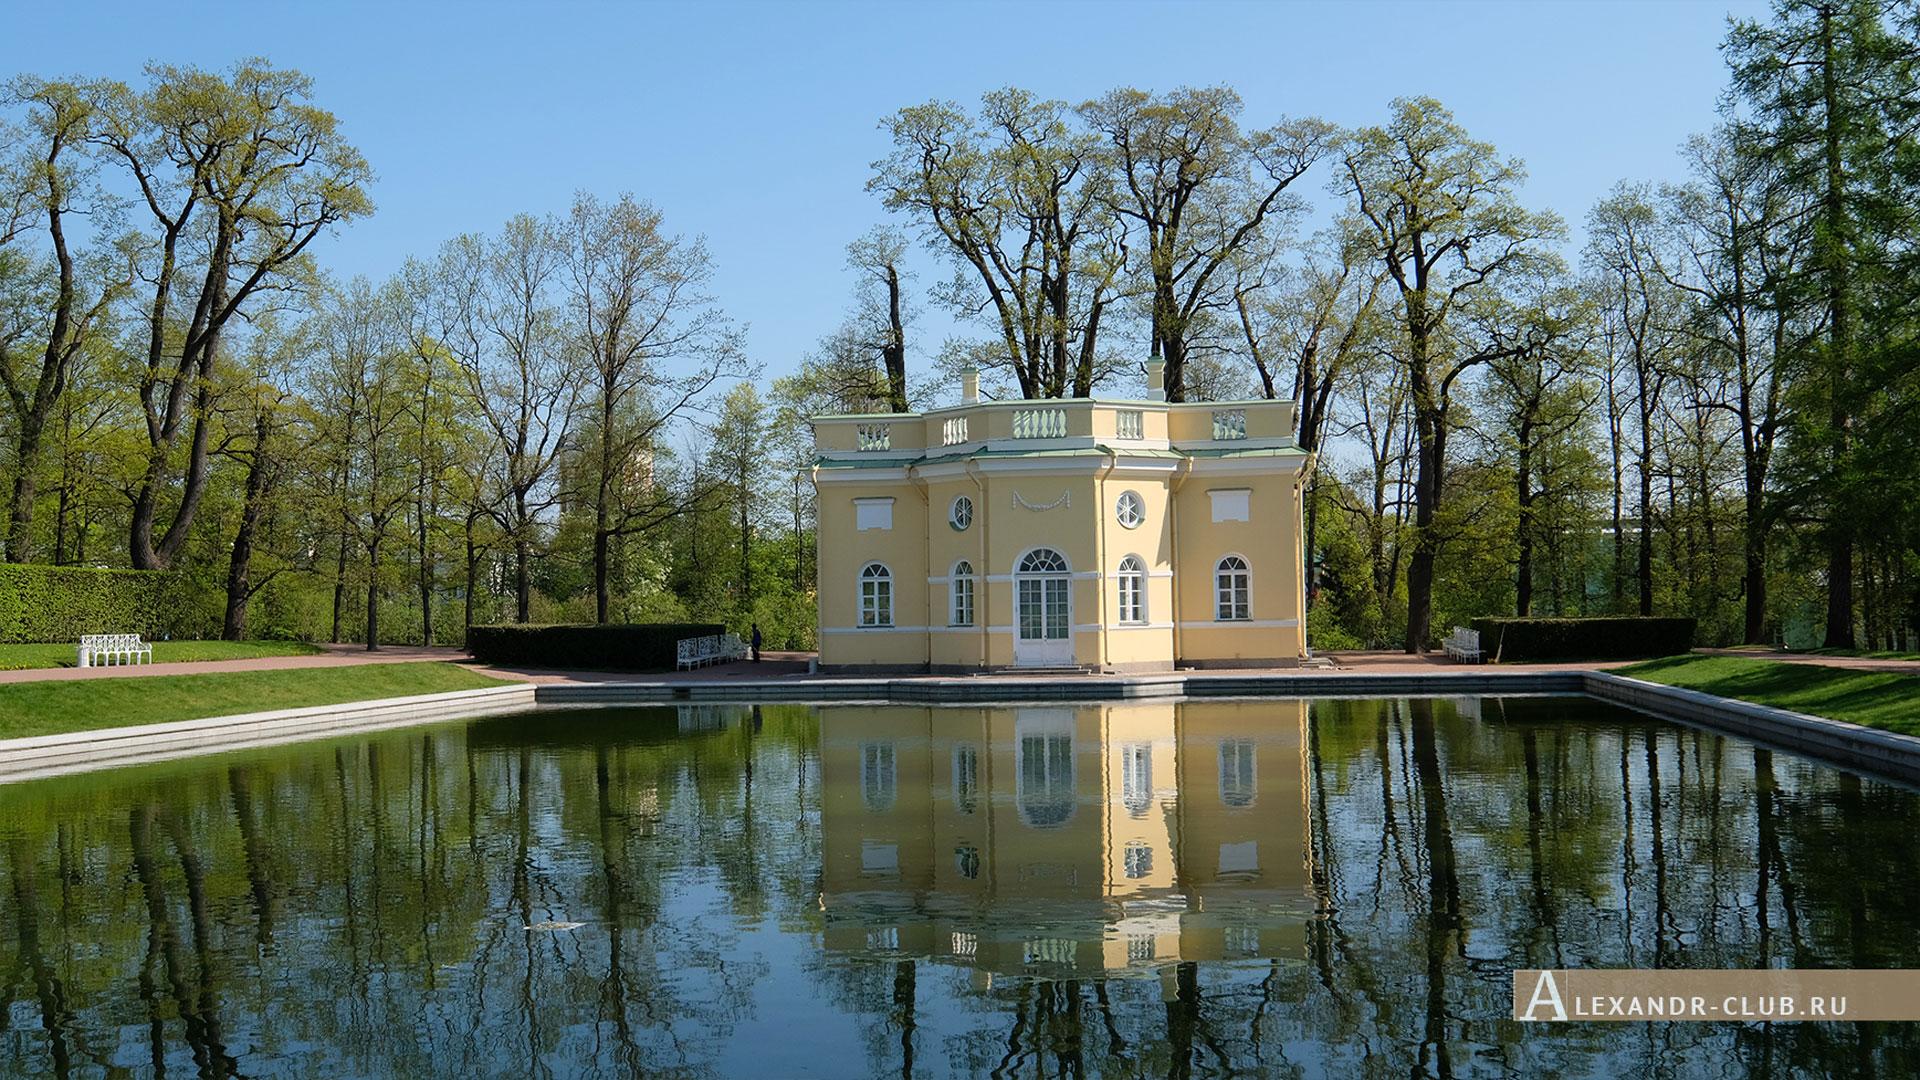 Царское Село, весна, Екатерининский парк, павильон «Верхняя ванна»